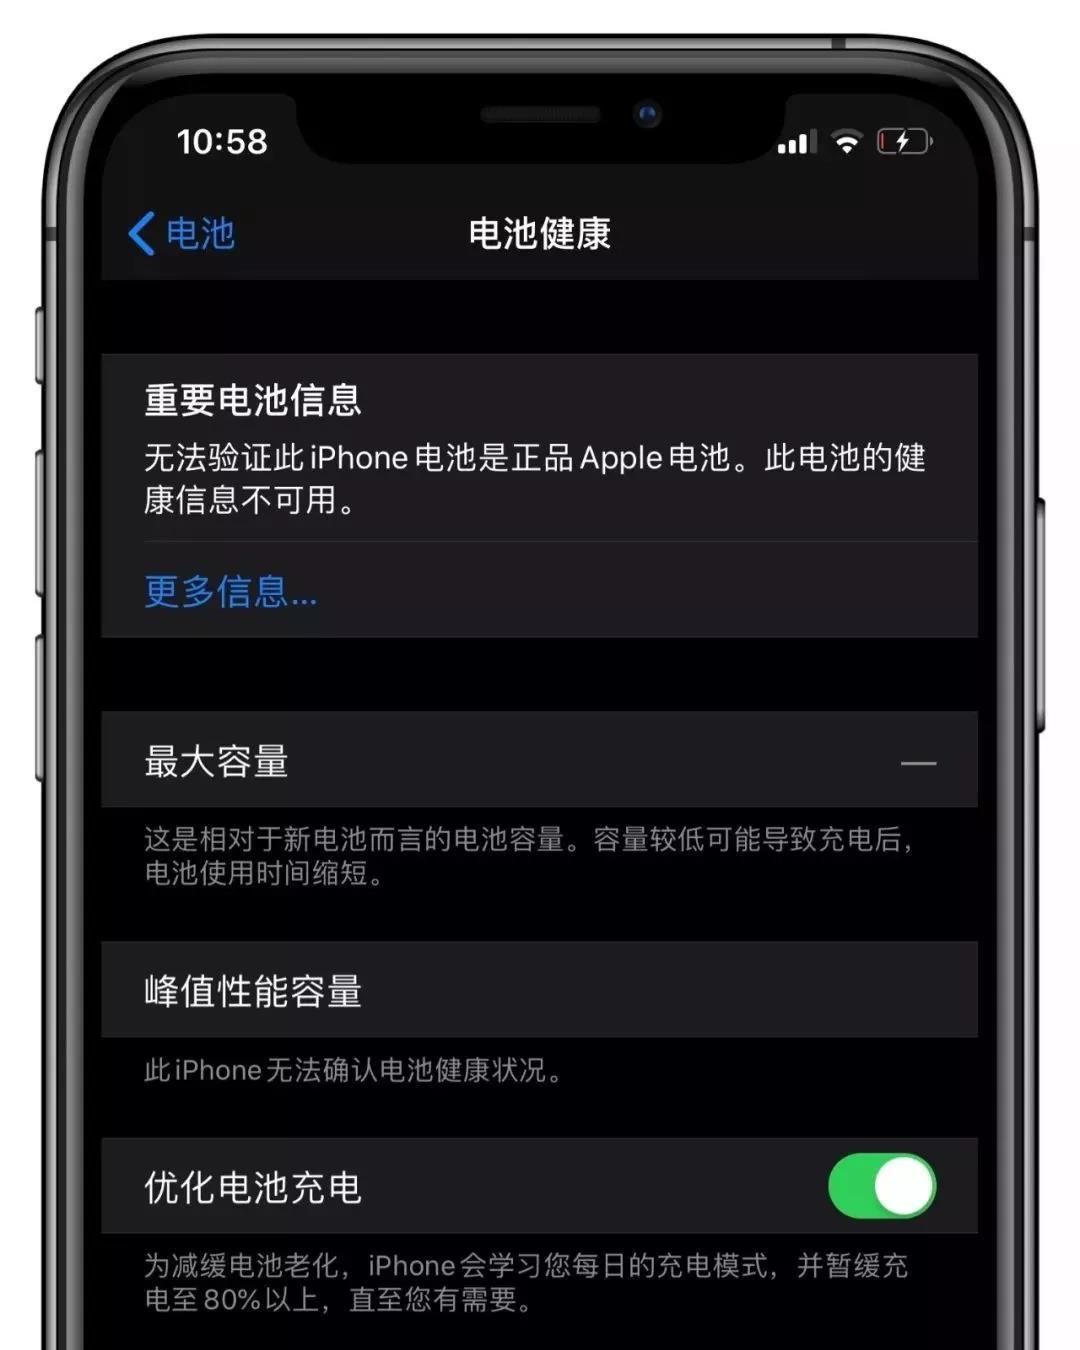 苹果限制第三方更换电池,确认 iPhone XR/XS/XS Max 受影响